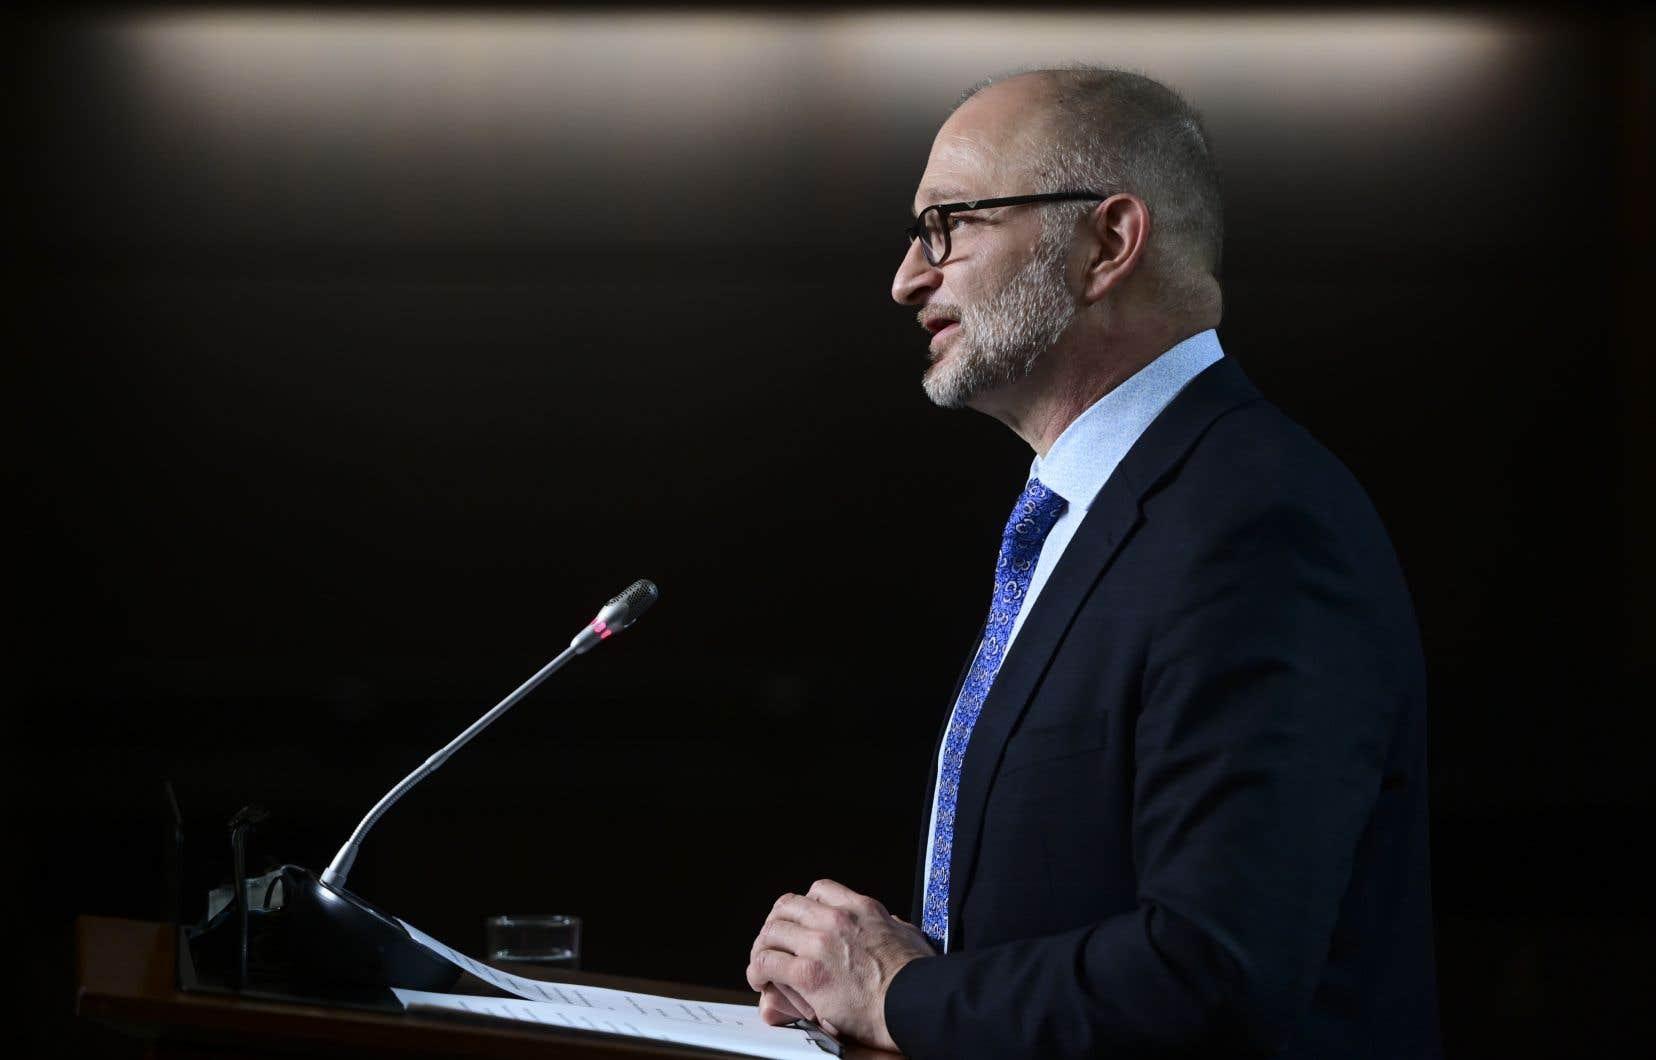 Aux communes, le ministre de la Justice, David Lametti, a plaidé auprès de ses collègues qu'il fallait agir contre les individus qui se cachent derrière «l'anonymat de leur écran» pour répandre la haine.